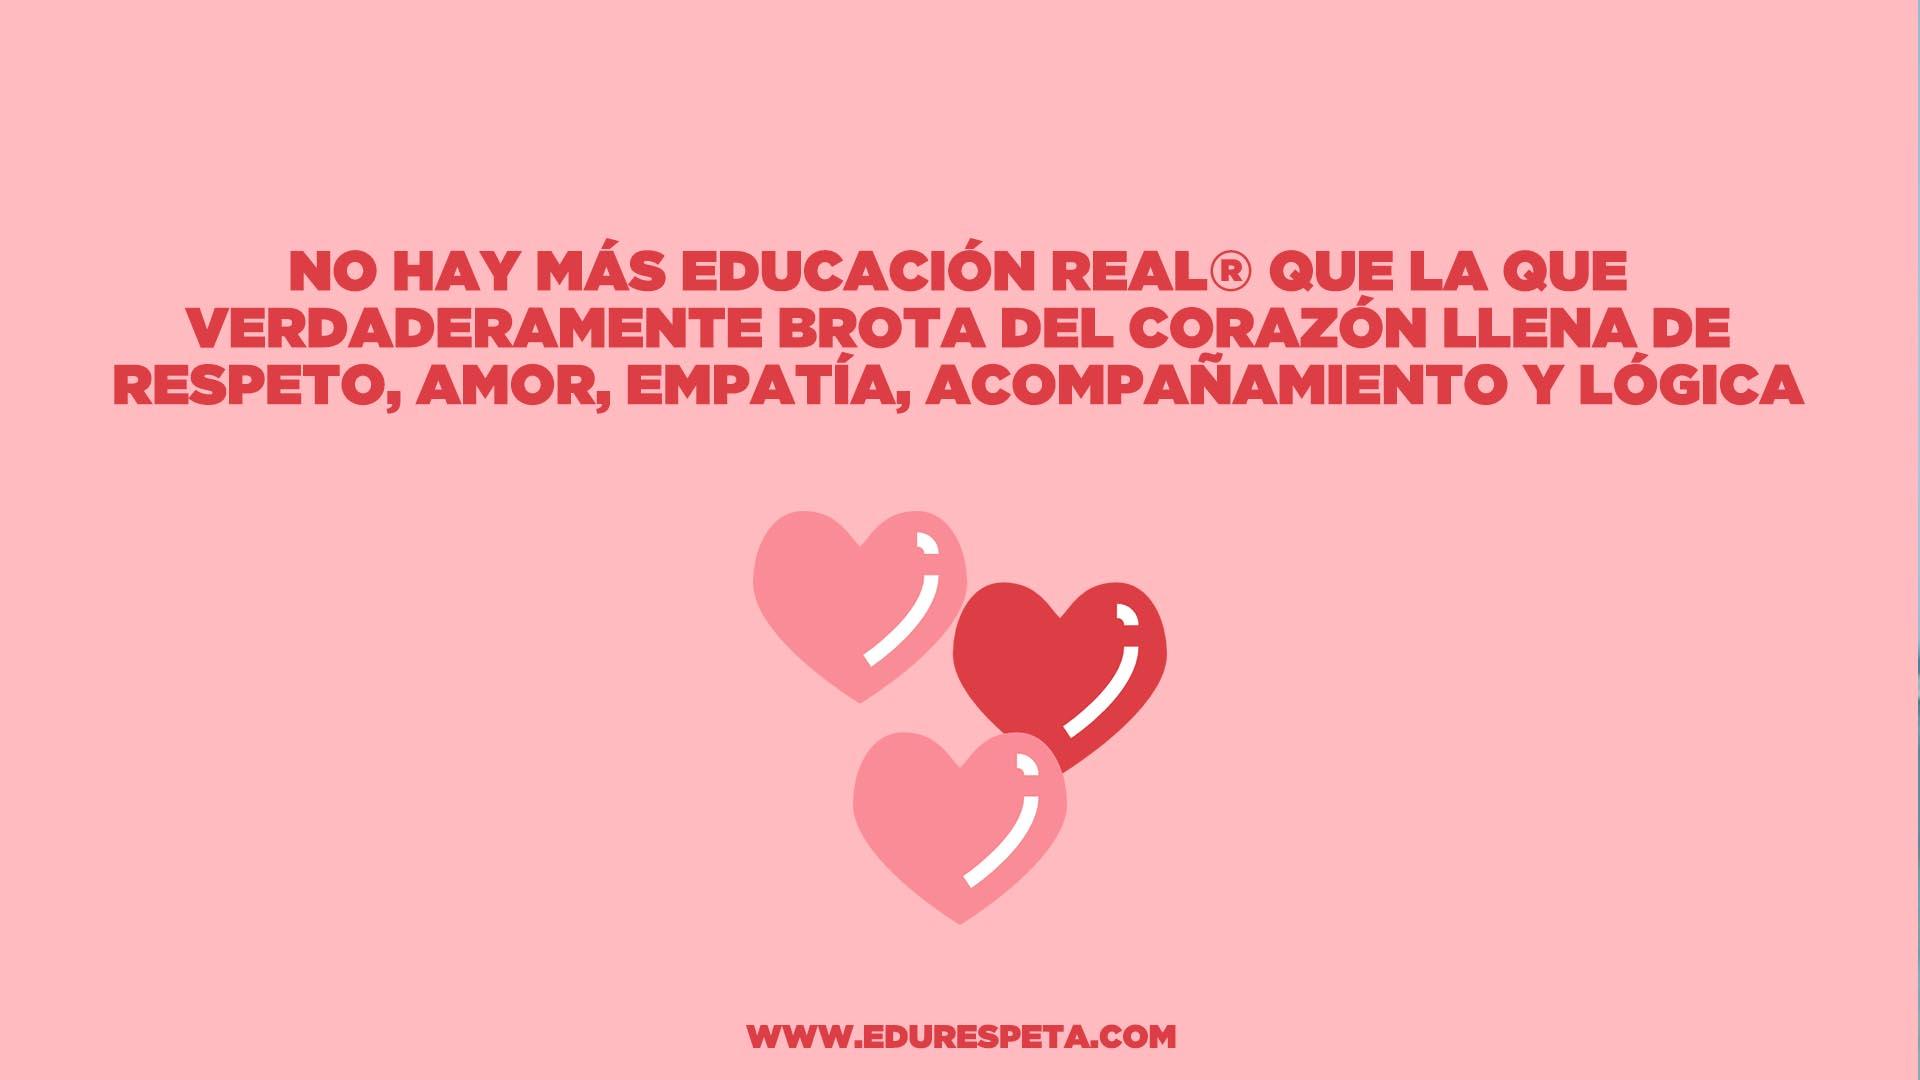 No hay más educación real que la que verdaderamente brota del corazón llena de respeto, amor, empatía, acompañamiento y lógica